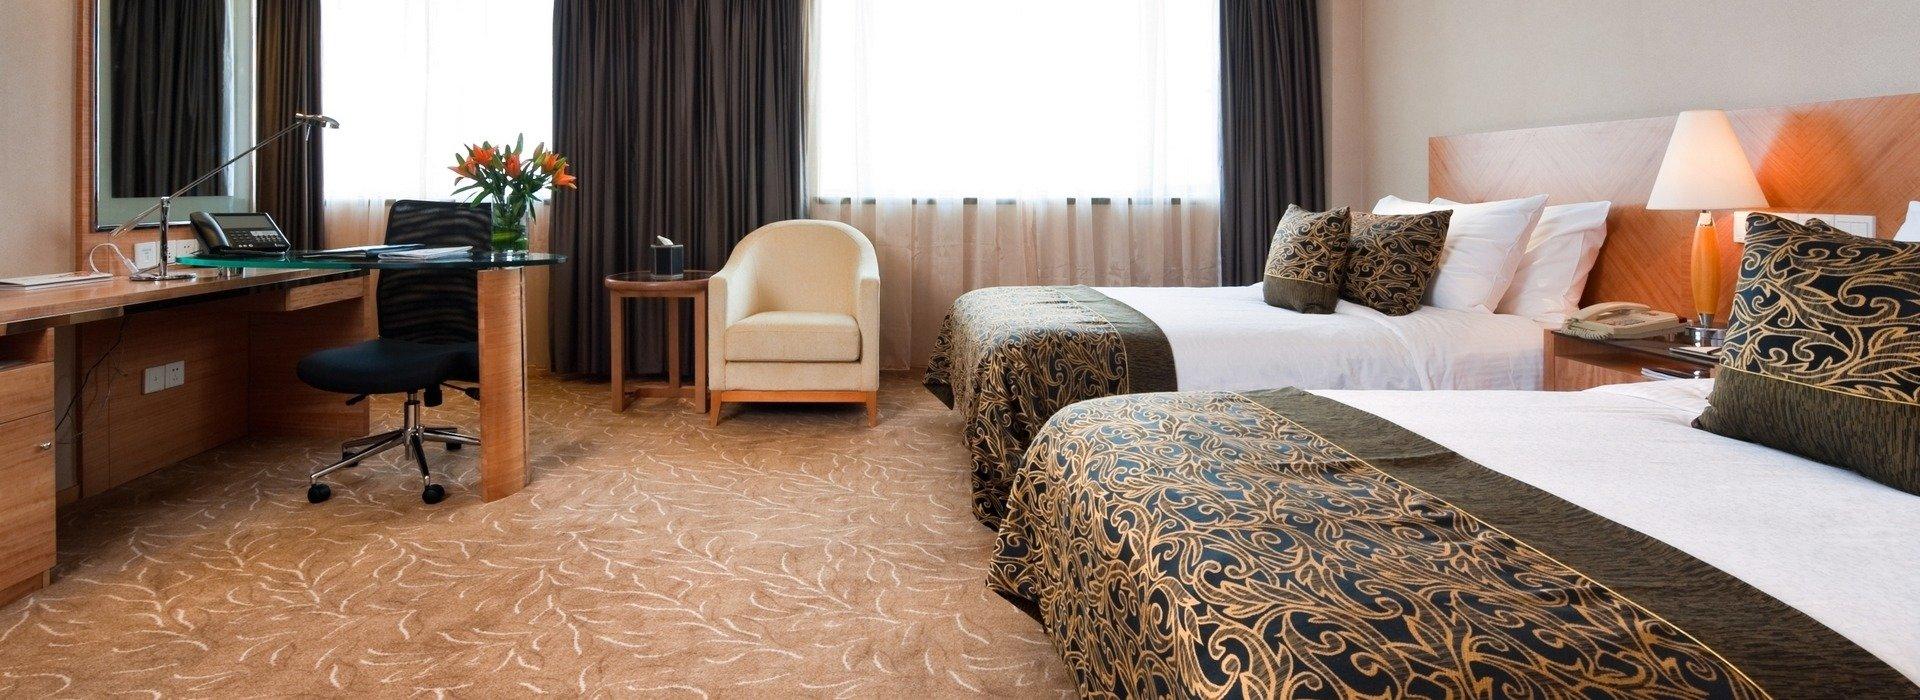 Budapesti 3-csillagos Hotelek - Budapesti 3-csillagos szállodák